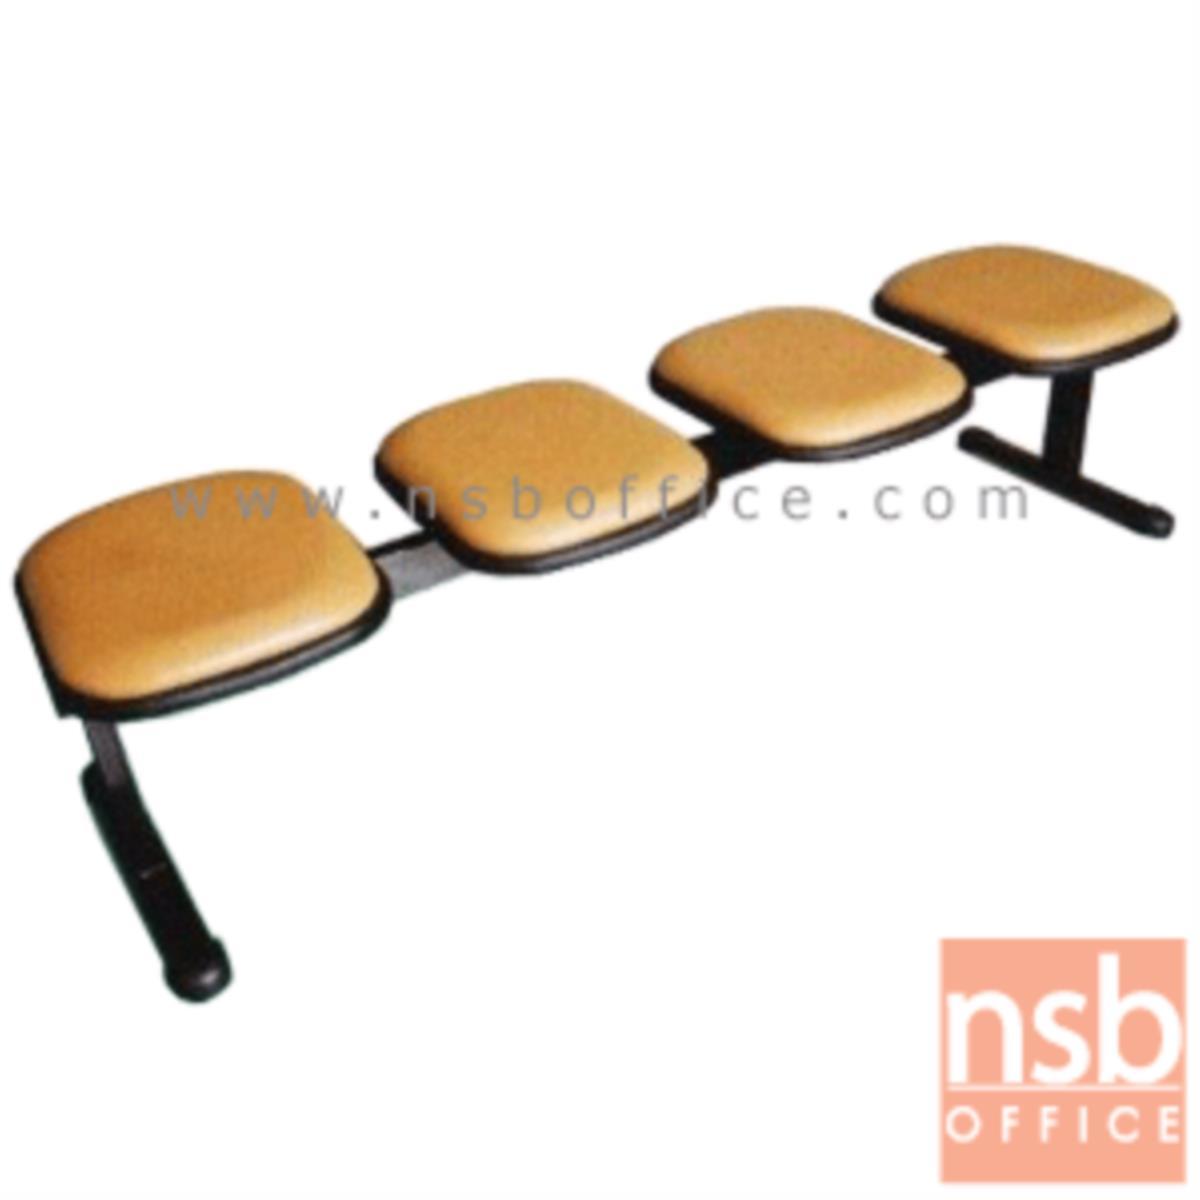 B06A097:เก้าอี้นั่งคอยหุ้มหนังเทียม รุ่น Starscream (สตาร์สครีม) 2 ,3 ,4 ที่นั่ง ไม่มีพนักพิง ขาเหล็ก